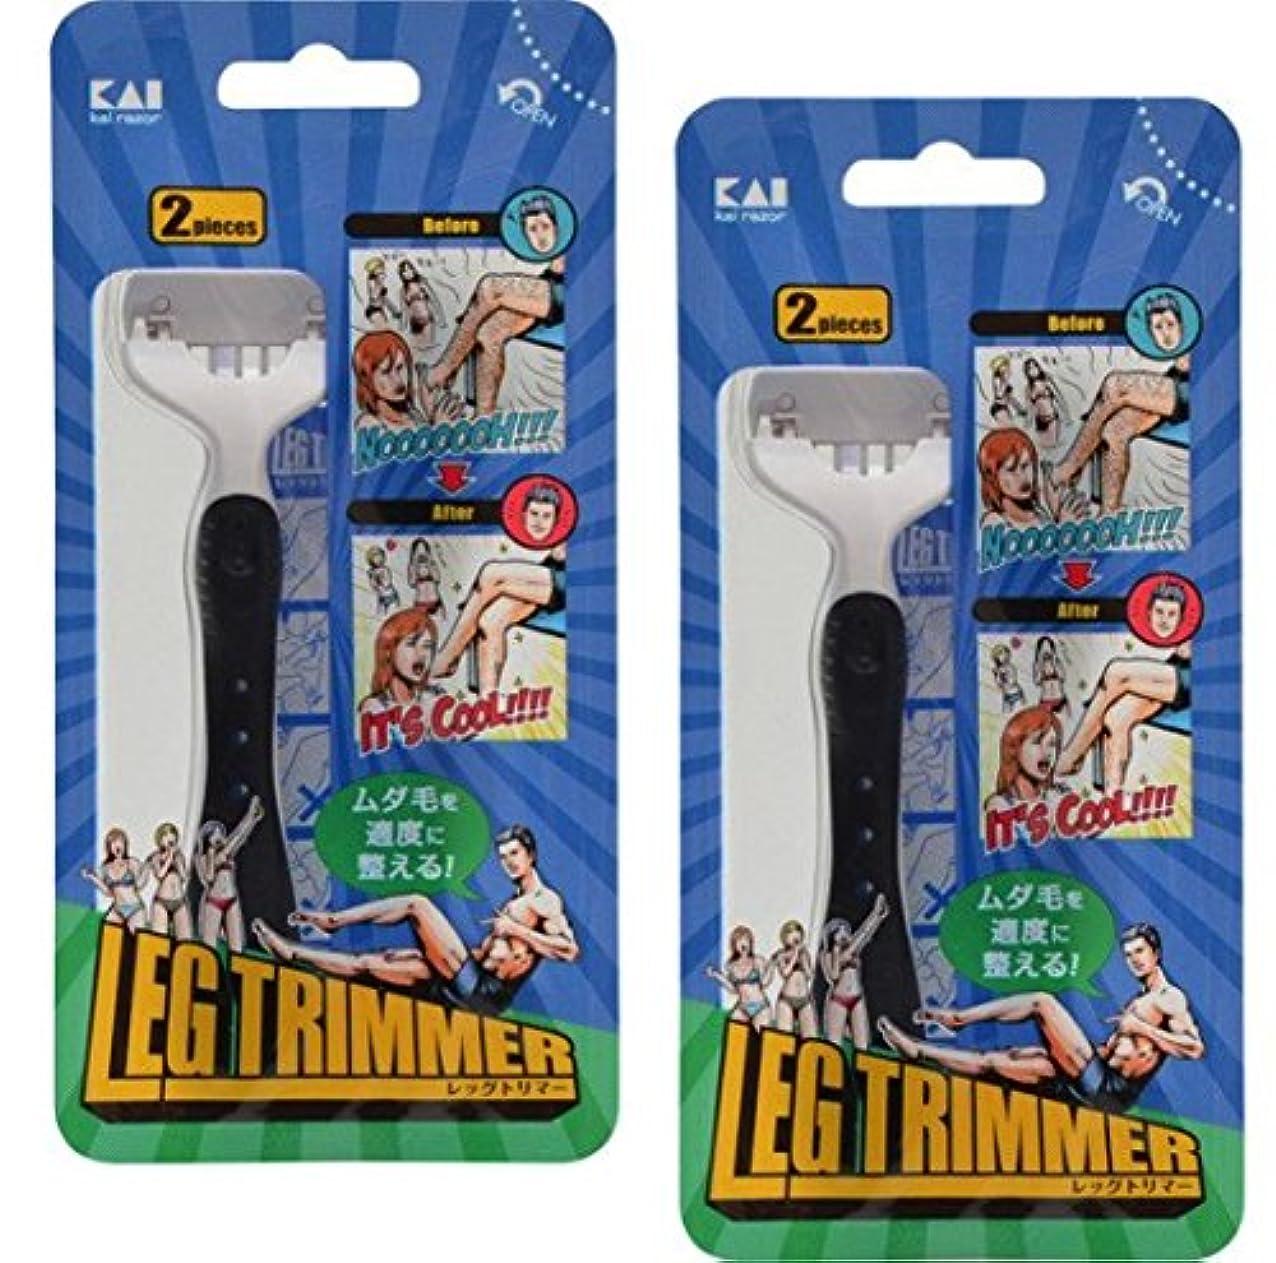 麺わずかな忌まわしいLEG TRIMMER レッグトリマー (むだ毛を適度に整えるカミソリ)2本入 2セット